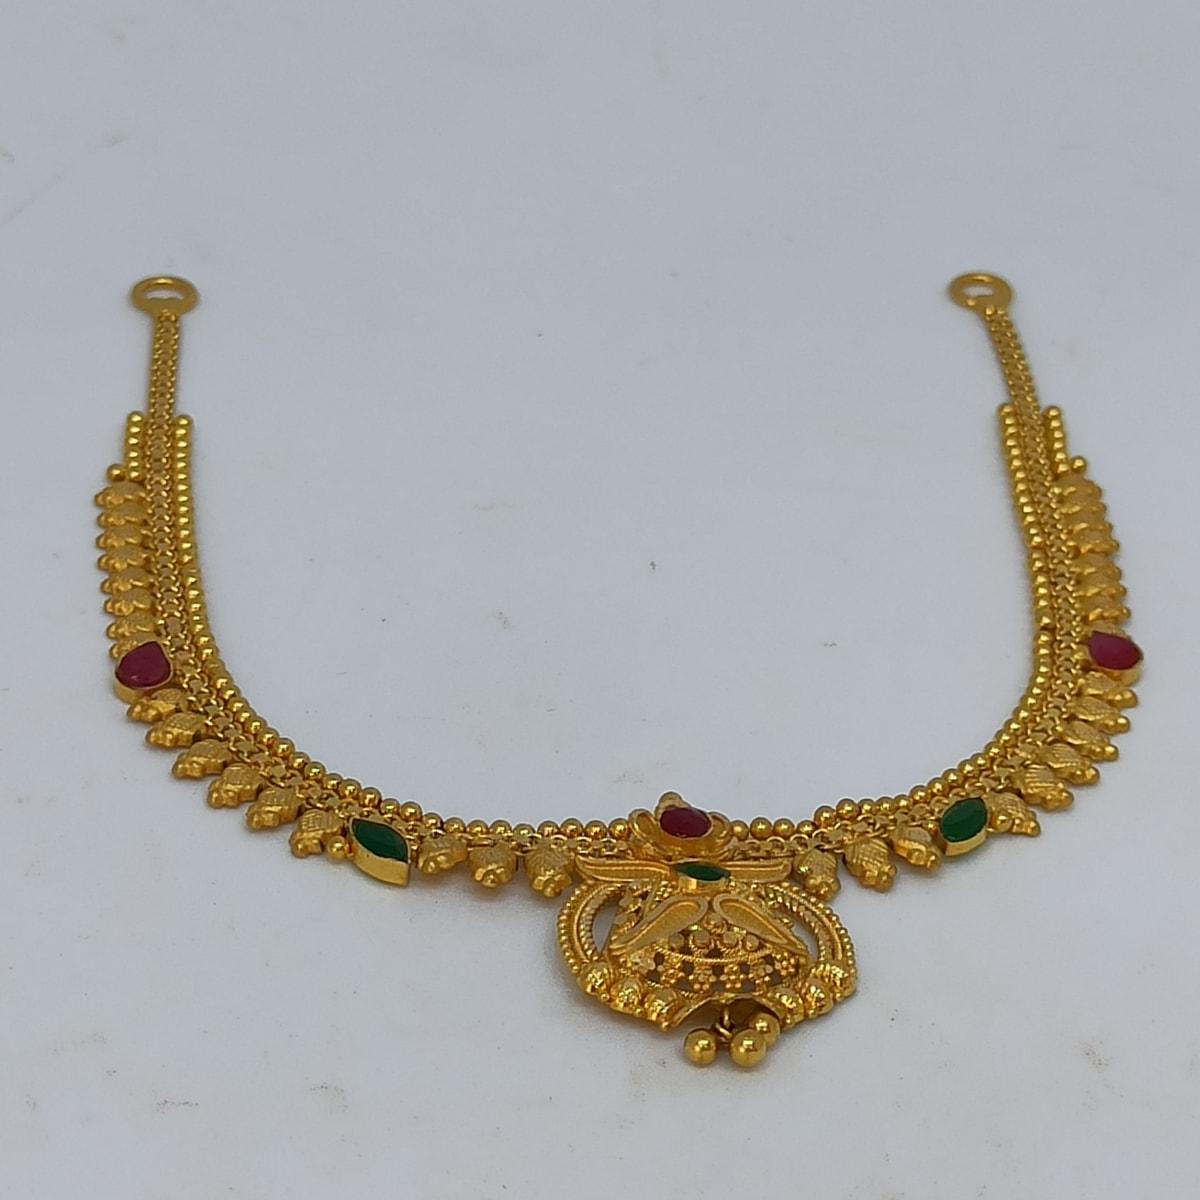 Antique Colourstone Necklace 2